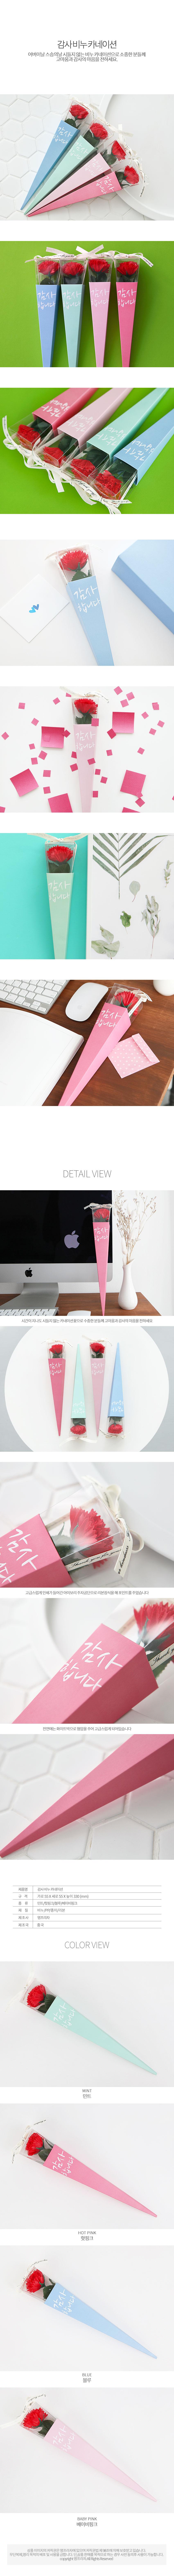 감사 비누 카네이션 - 포포팬시, 3,000원, 조화, 비누꽃